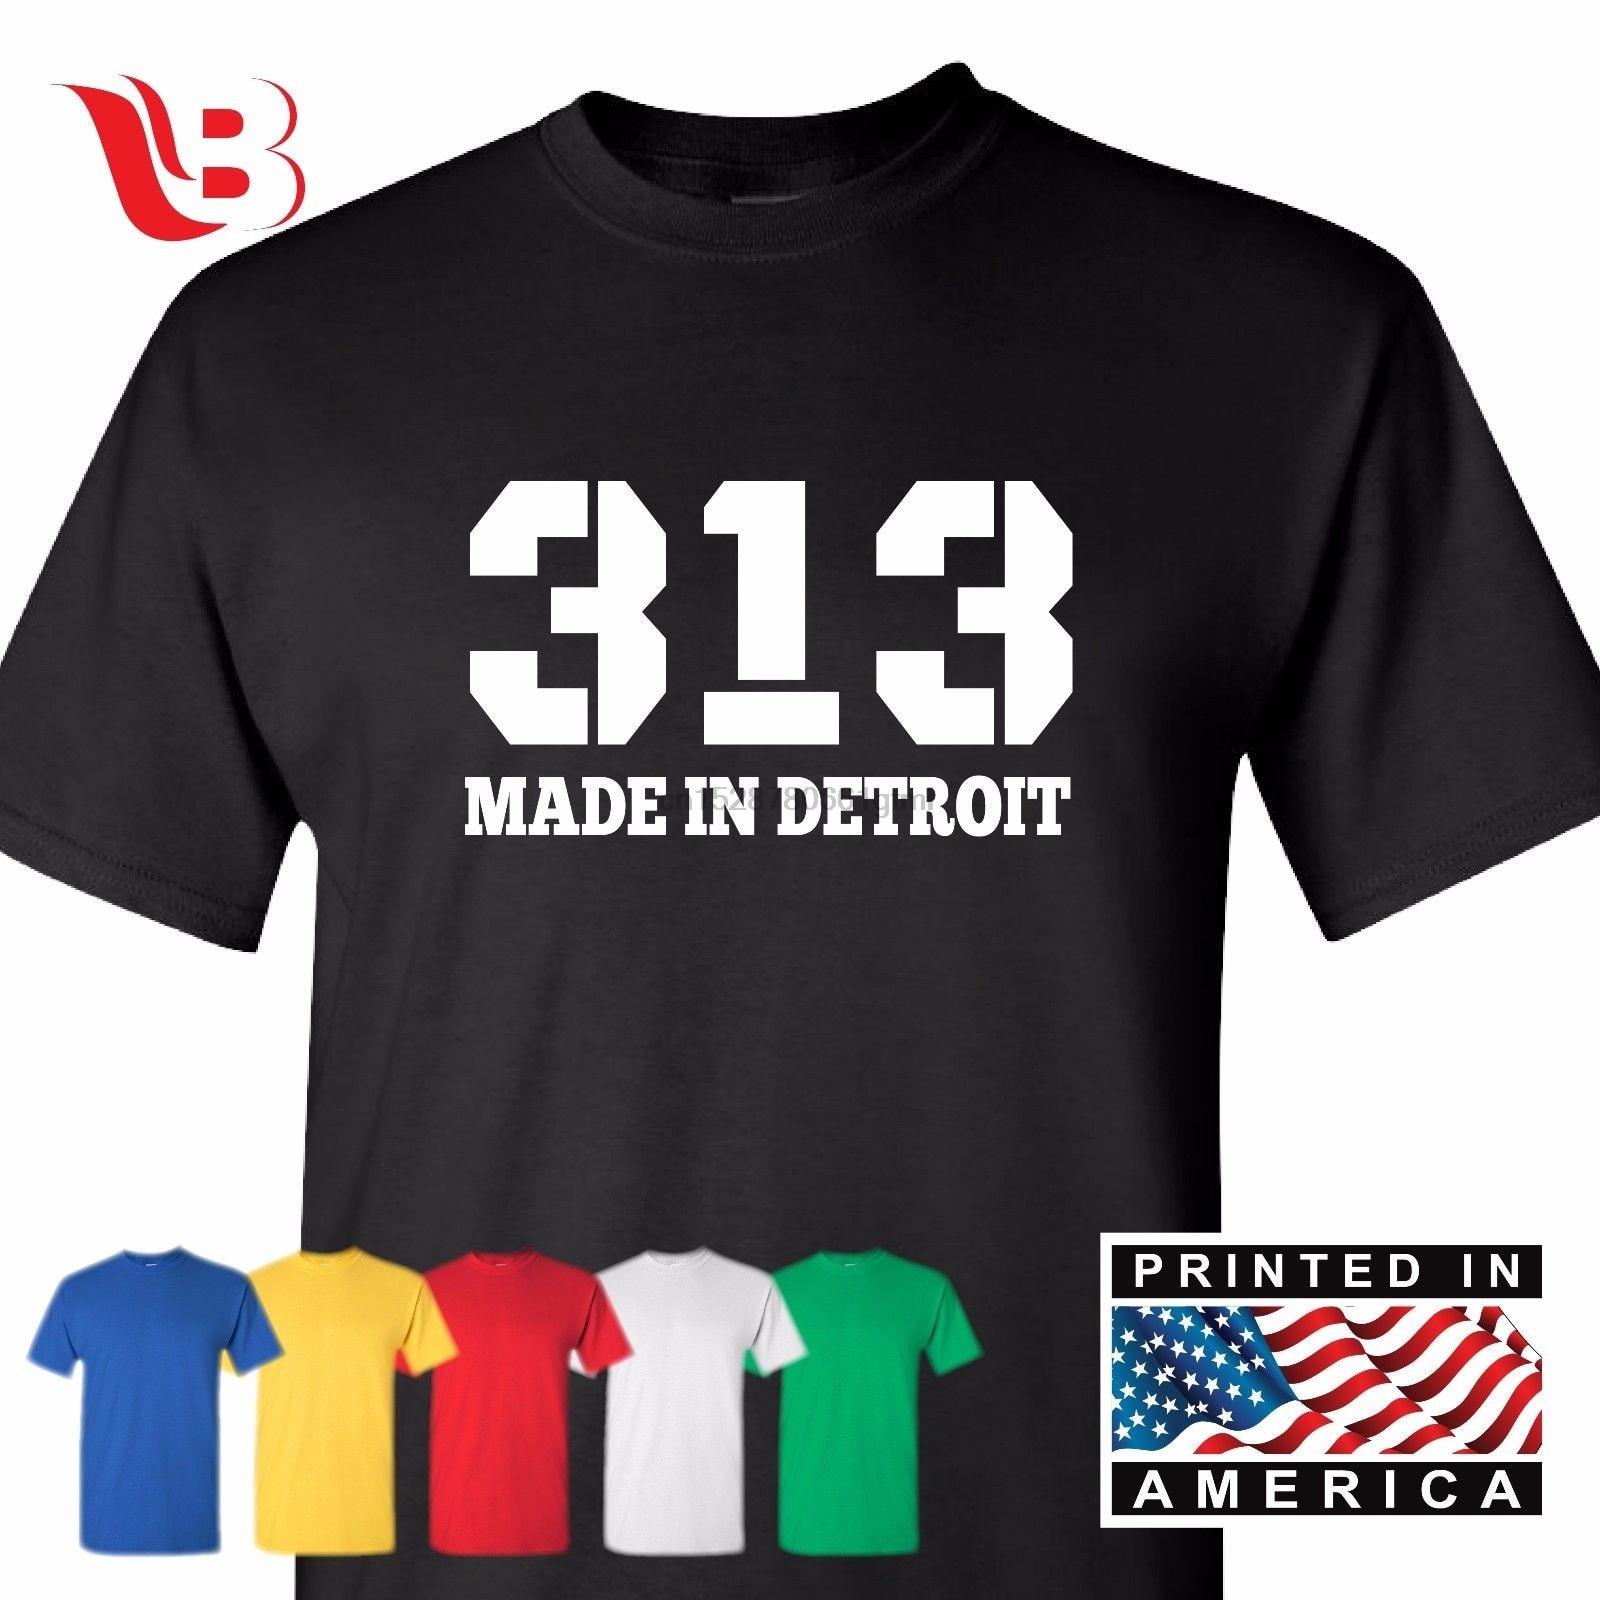 313 hecho en camiseta Detroit Michigan Mototown Tee camisa gran Camiseta Sm-3Xl